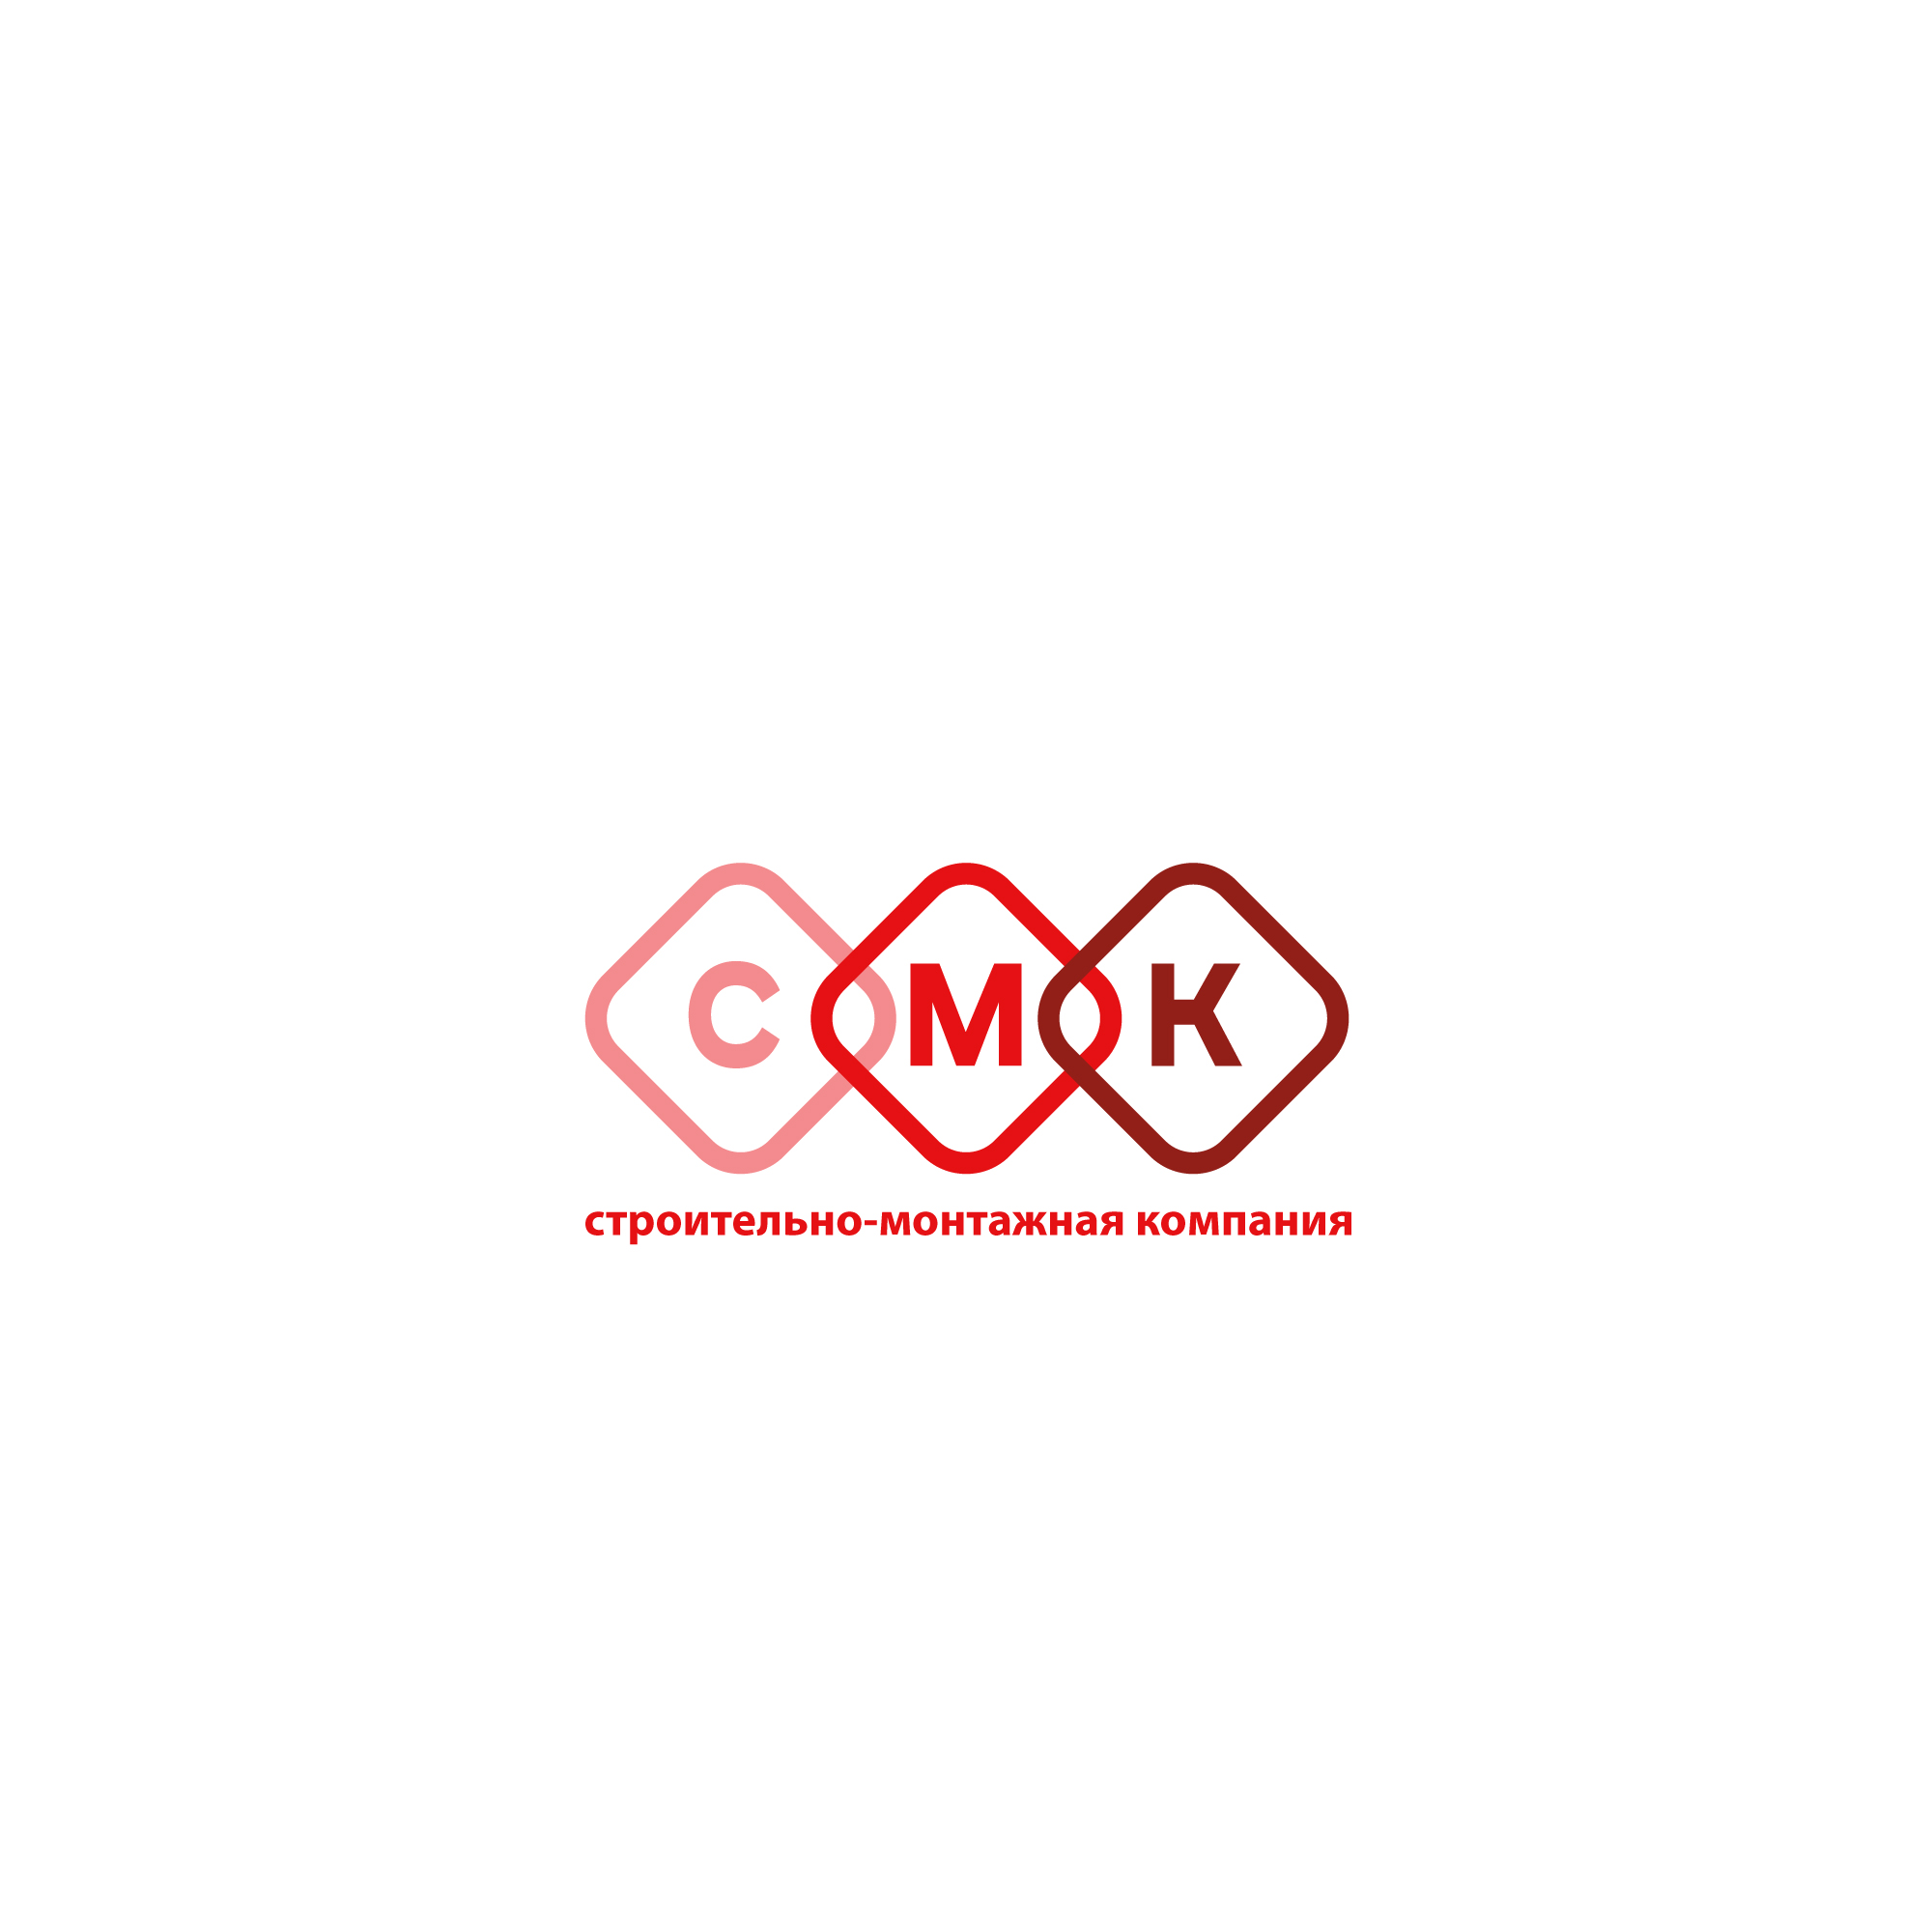 Разработка логотипа компании фото f_7215dd4263ec4fc1.jpg